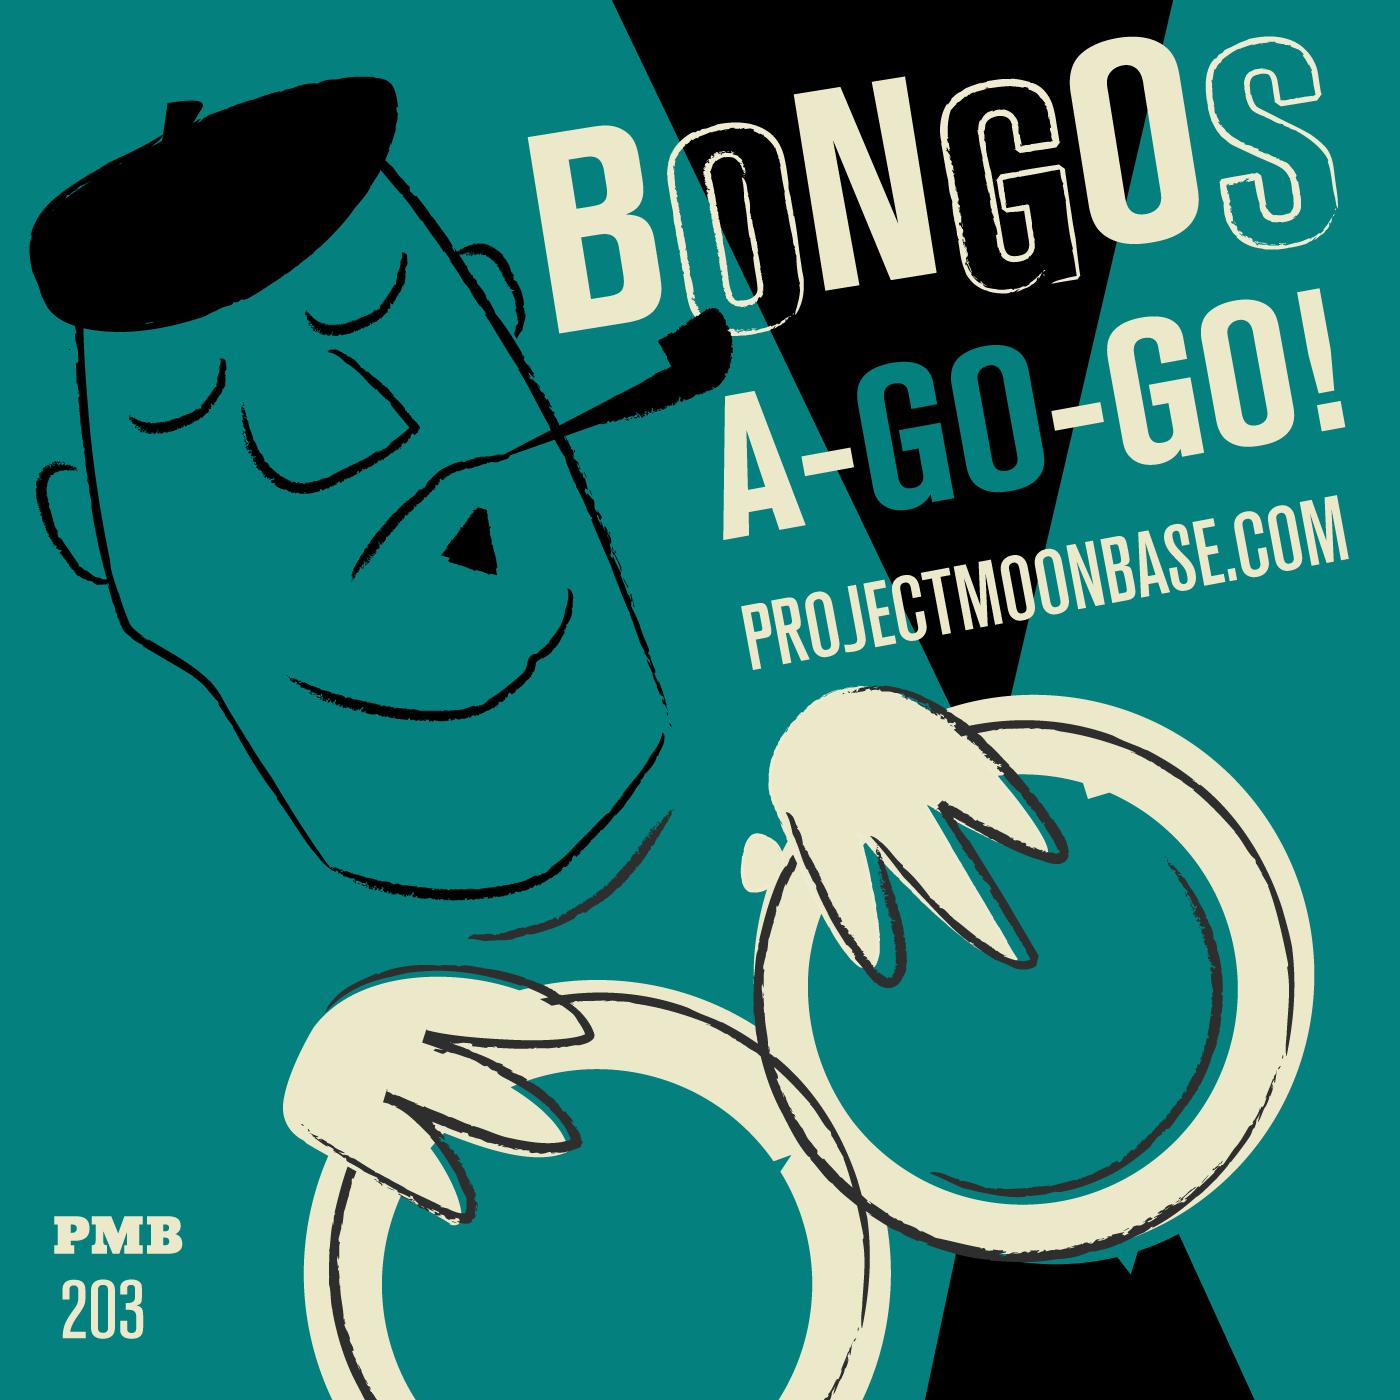 PMB203: Bongos A-Go-Go